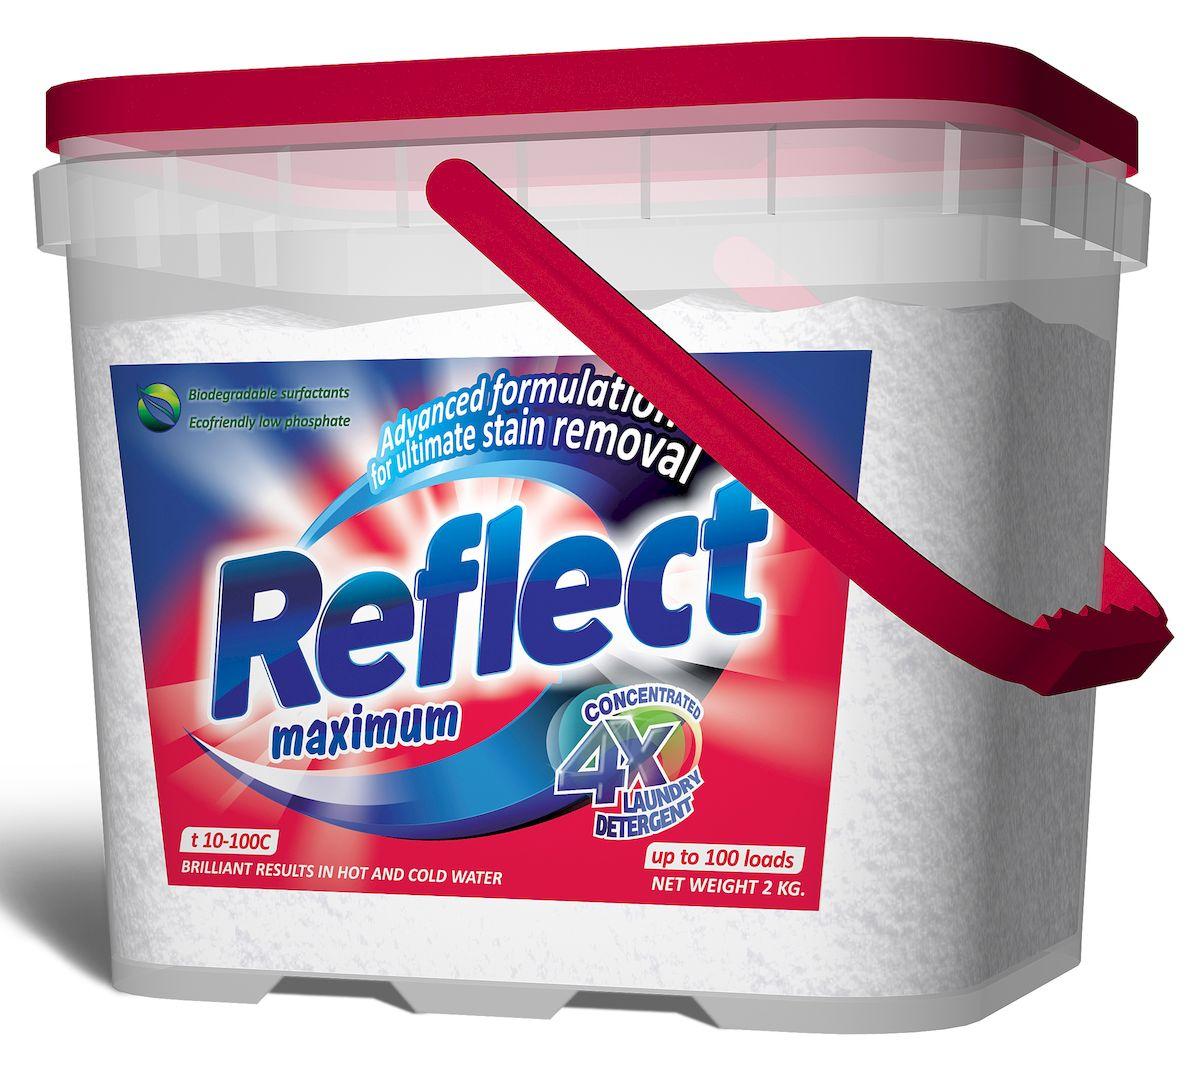 Стиральный порошок Reflect Maximum, для цветного и белого белья, 2 кг15050Стиральный порошок Reflect Maximum предназначен для стирки цветного и белого белья из хлопковых и смешанных волокон.Преимущества, способствующие высокому качеству стирки:- Композитные энзимы Trizyme глубоко проникают в ткань, удаляют грязь и неприятныезапахи (включая пятна и запах пота), предотвращают серость и желтизну.- Специальные добавки помогают сохранять и поддерживать структуру ткани,предупреждая появление и образование катышек.- Уникальная формула Colour Care (формула защиты цвета) защищает и поддерживаетнасыщенность цветовой гаммы изделия от стирки к стирке.- Optical Brightener (оптический отбеливатель) отвечает за белизну белого белья и яркостьцветного.Товар сертифицирован.